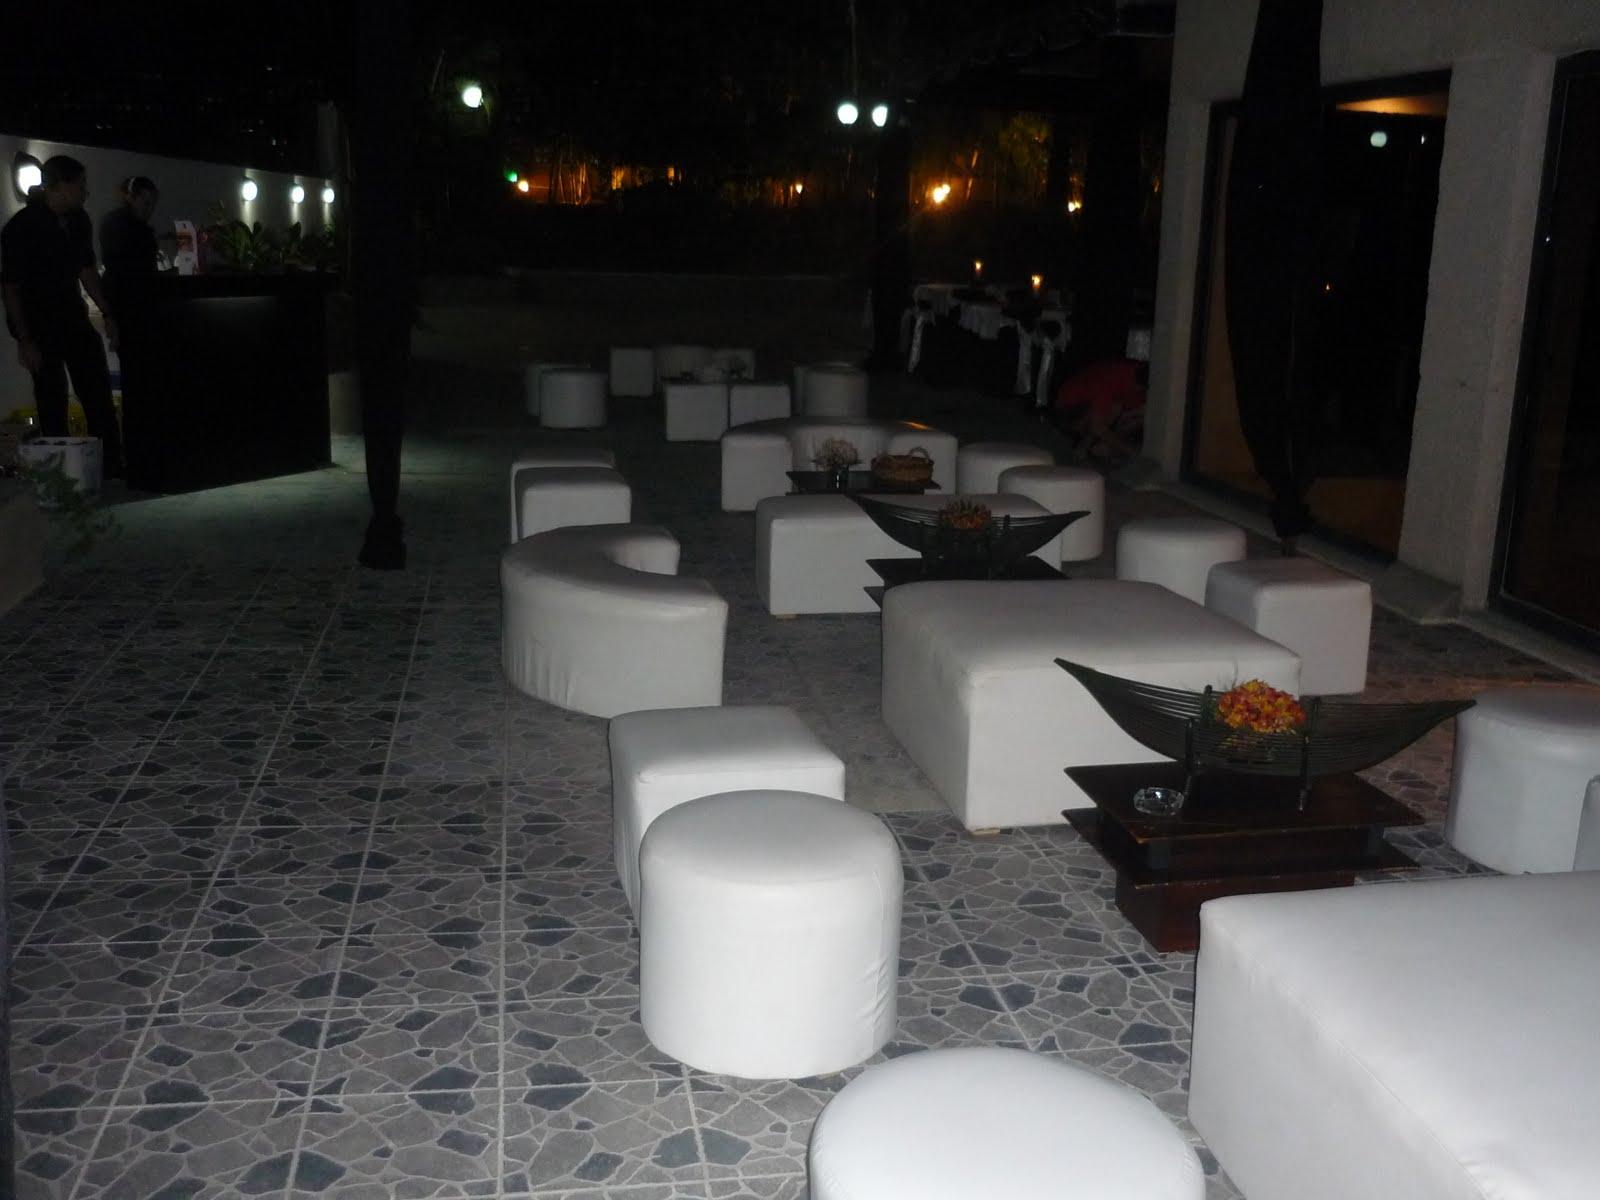 Festejos yupi servicio de festejos sillas mesas toldos for Sillas para festejos